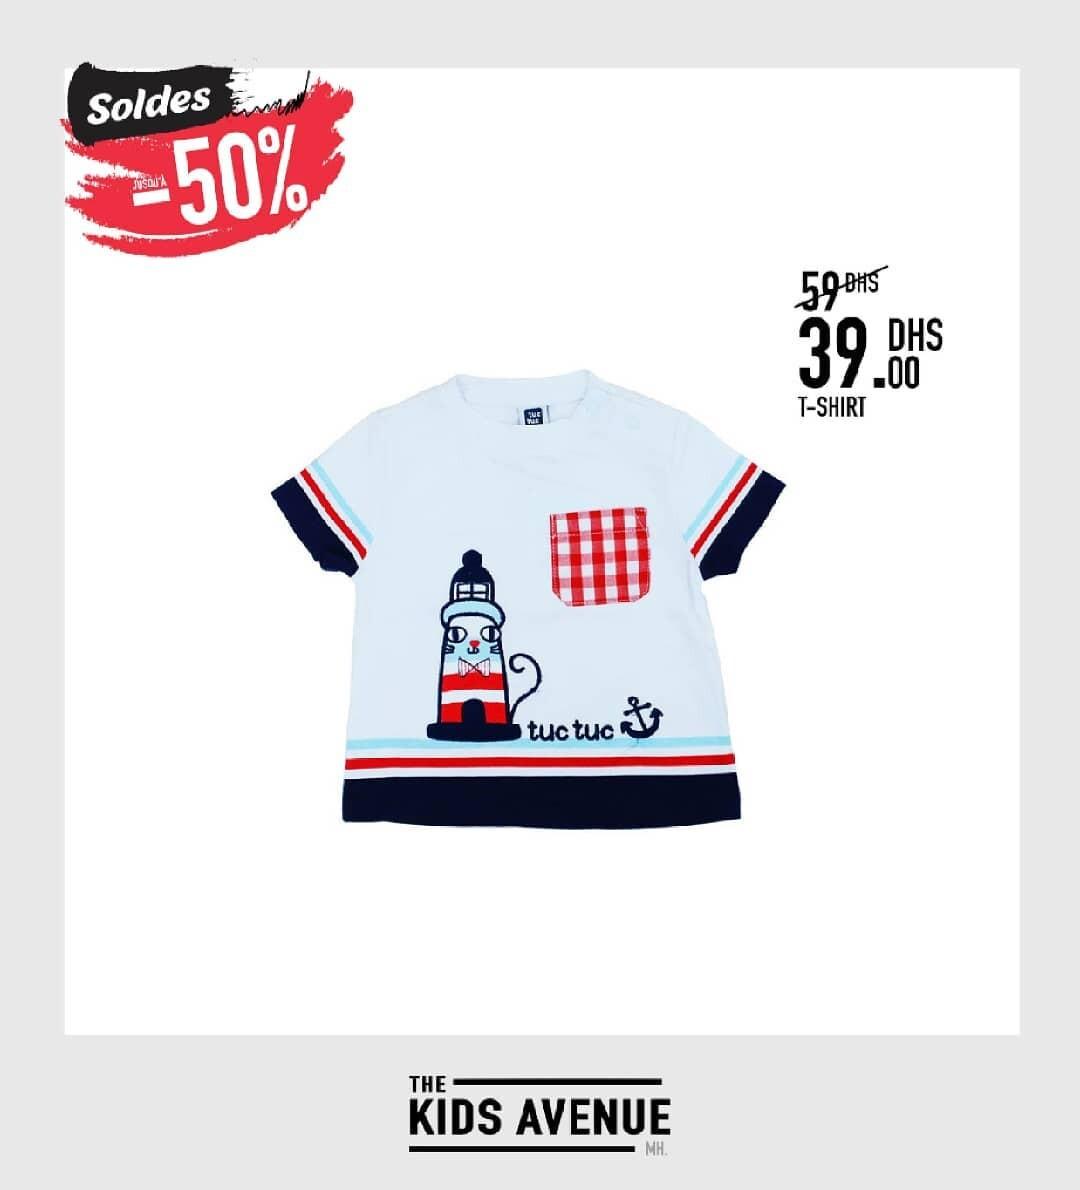 Soldes Kids Avenue MH T-shirt pour bébé garçon 39Dhs au lieu de 59Dhs